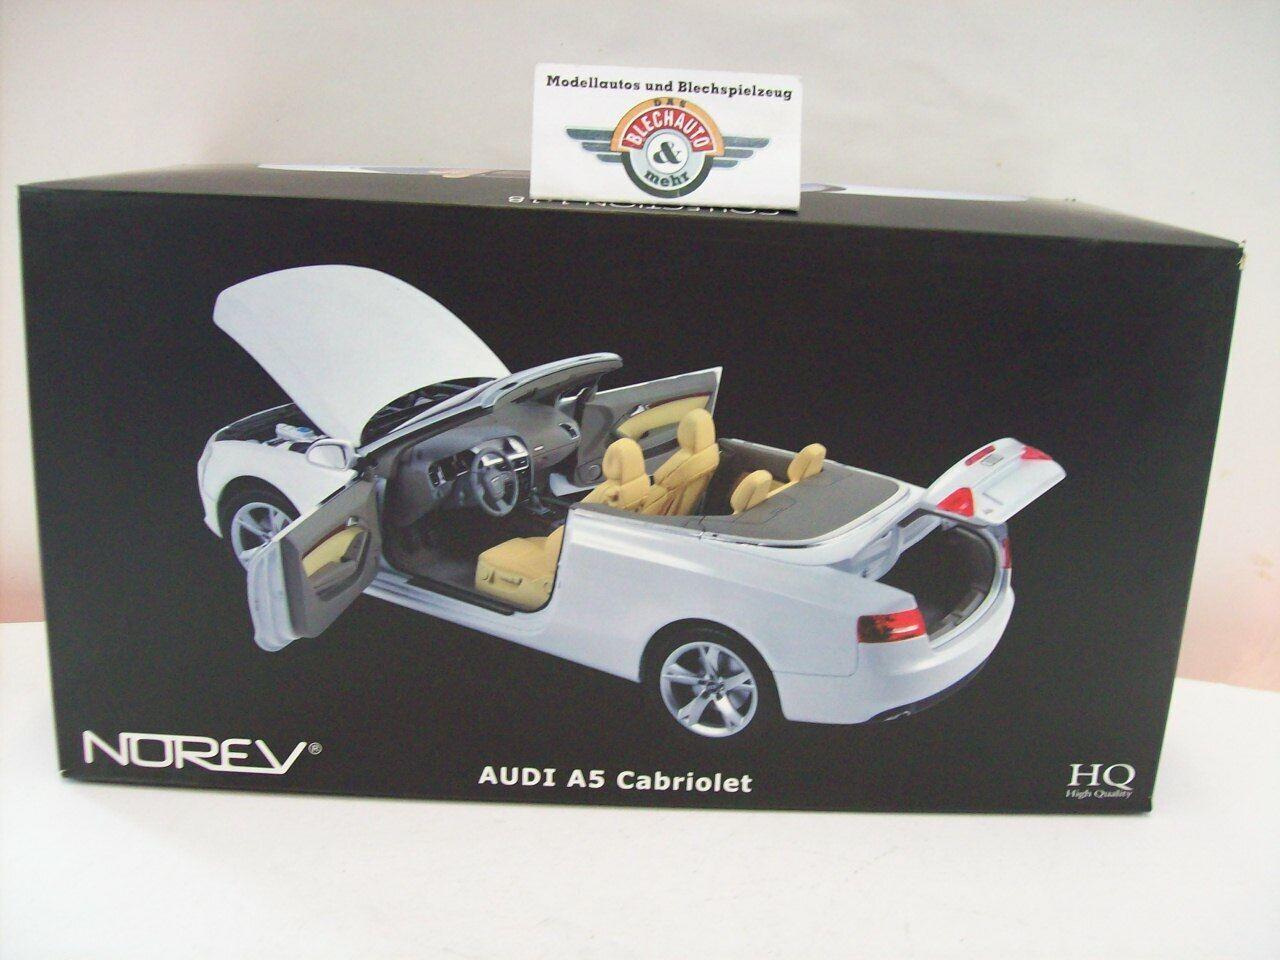 alto descuento Audi a5 (8f) cabriolet, 2009, blanco, norev 1 18, 18, 18, embalaje original  ahorra hasta un 70%